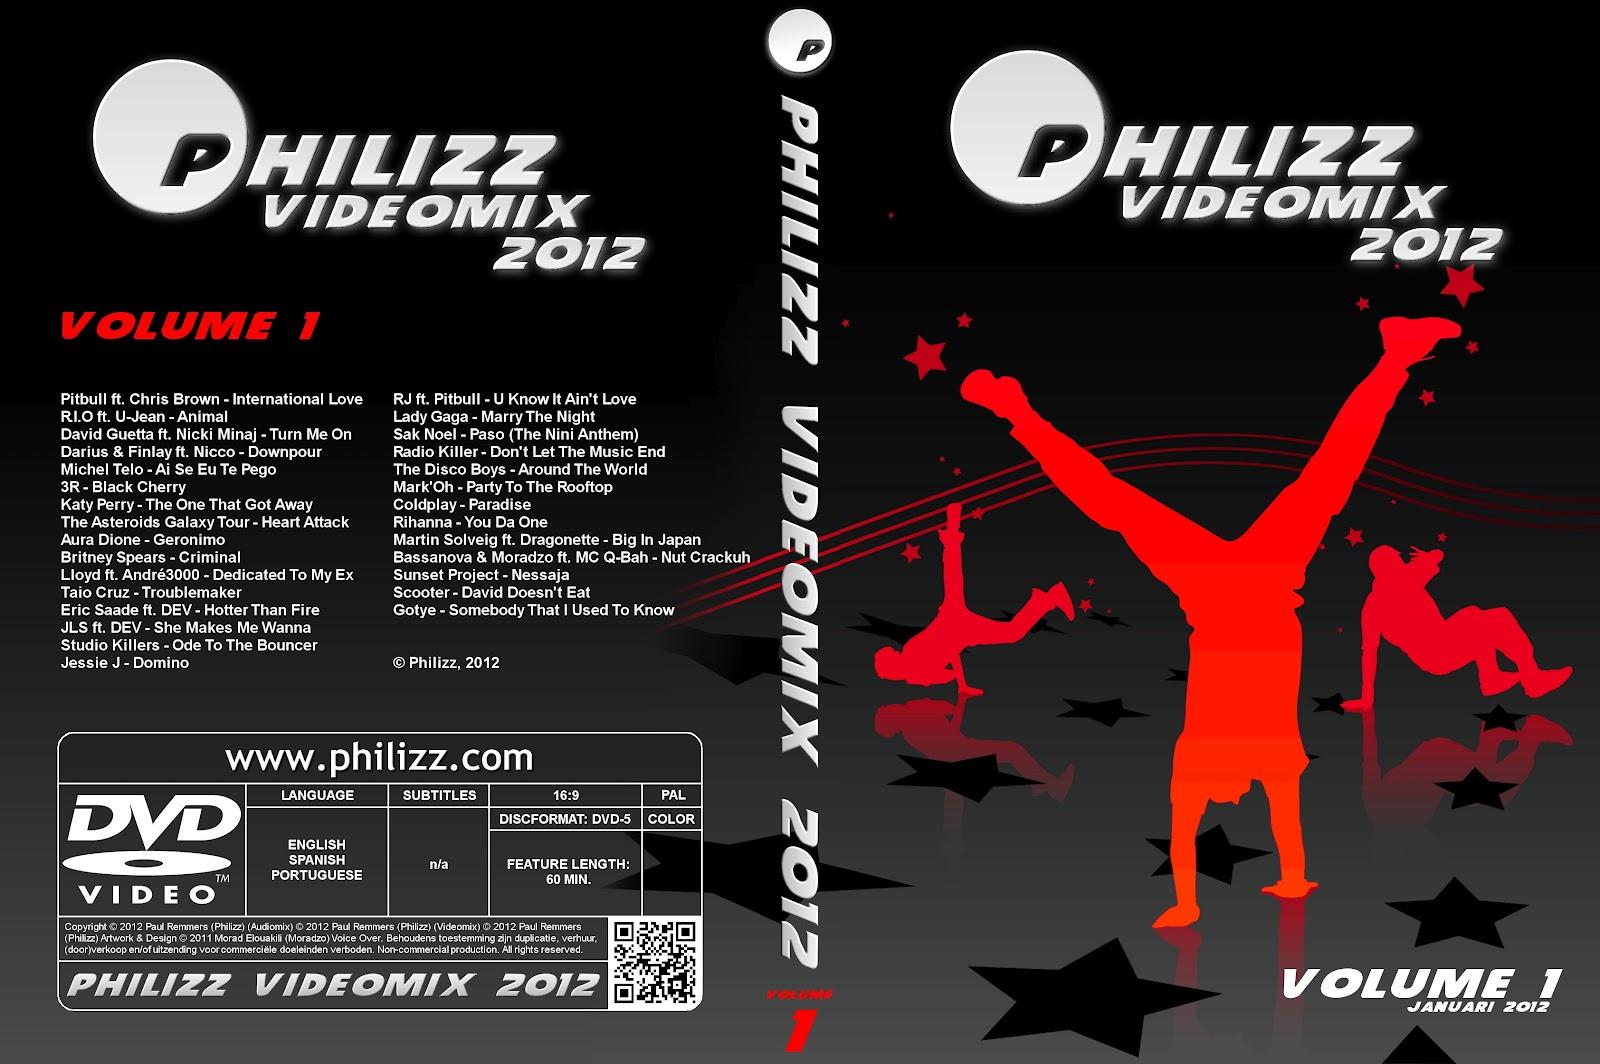 http://4.bp.blogspot.com/-MVcrdGSc3Kk/UEp7bxE8w3I/AAAAAAAAHow/vD7Q8iQMT40/s1600/PHILIZZ+VIDEOMIX+2012+VOL.+01+(VIDEOMIX)+(1).jpg